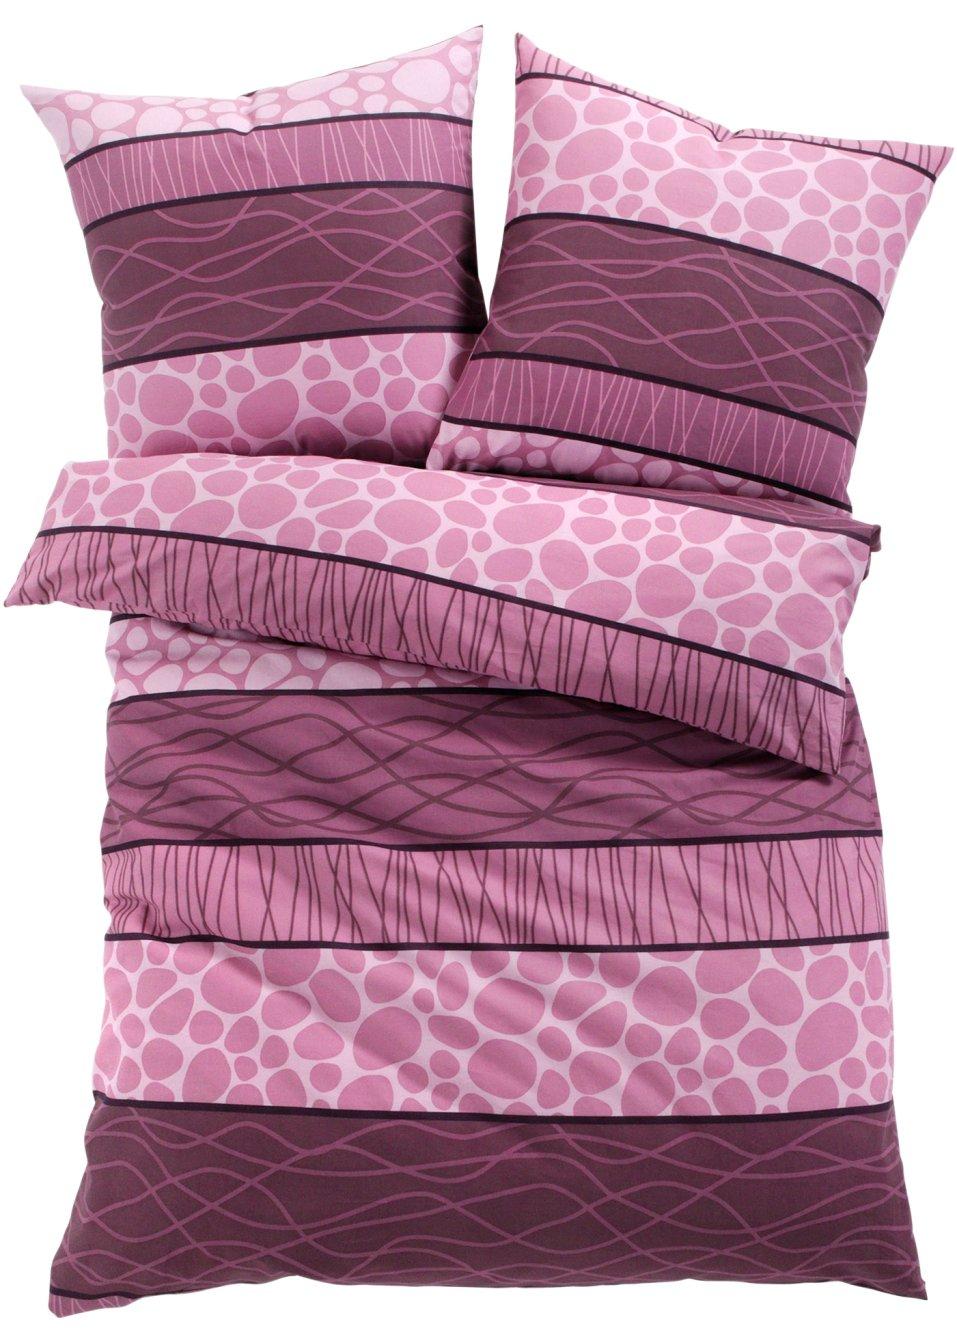 linge de lit estelle prune bpc living commande online. Black Bedroom Furniture Sets. Home Design Ideas